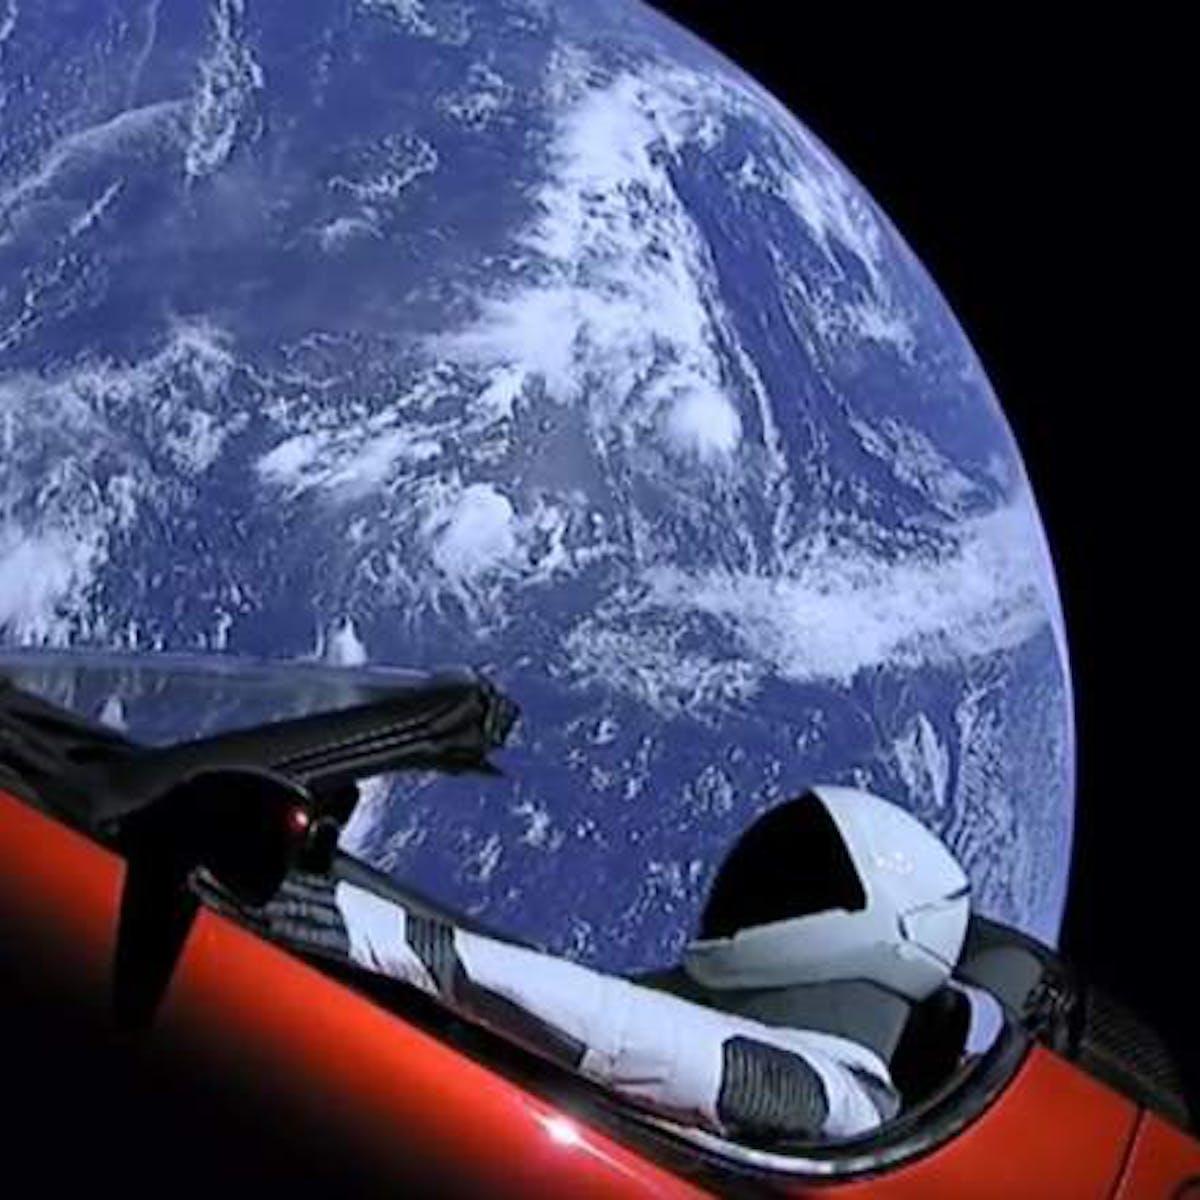 Neuralink: Will Martians Control Teslas With Their Mind? Elon Musk Responds